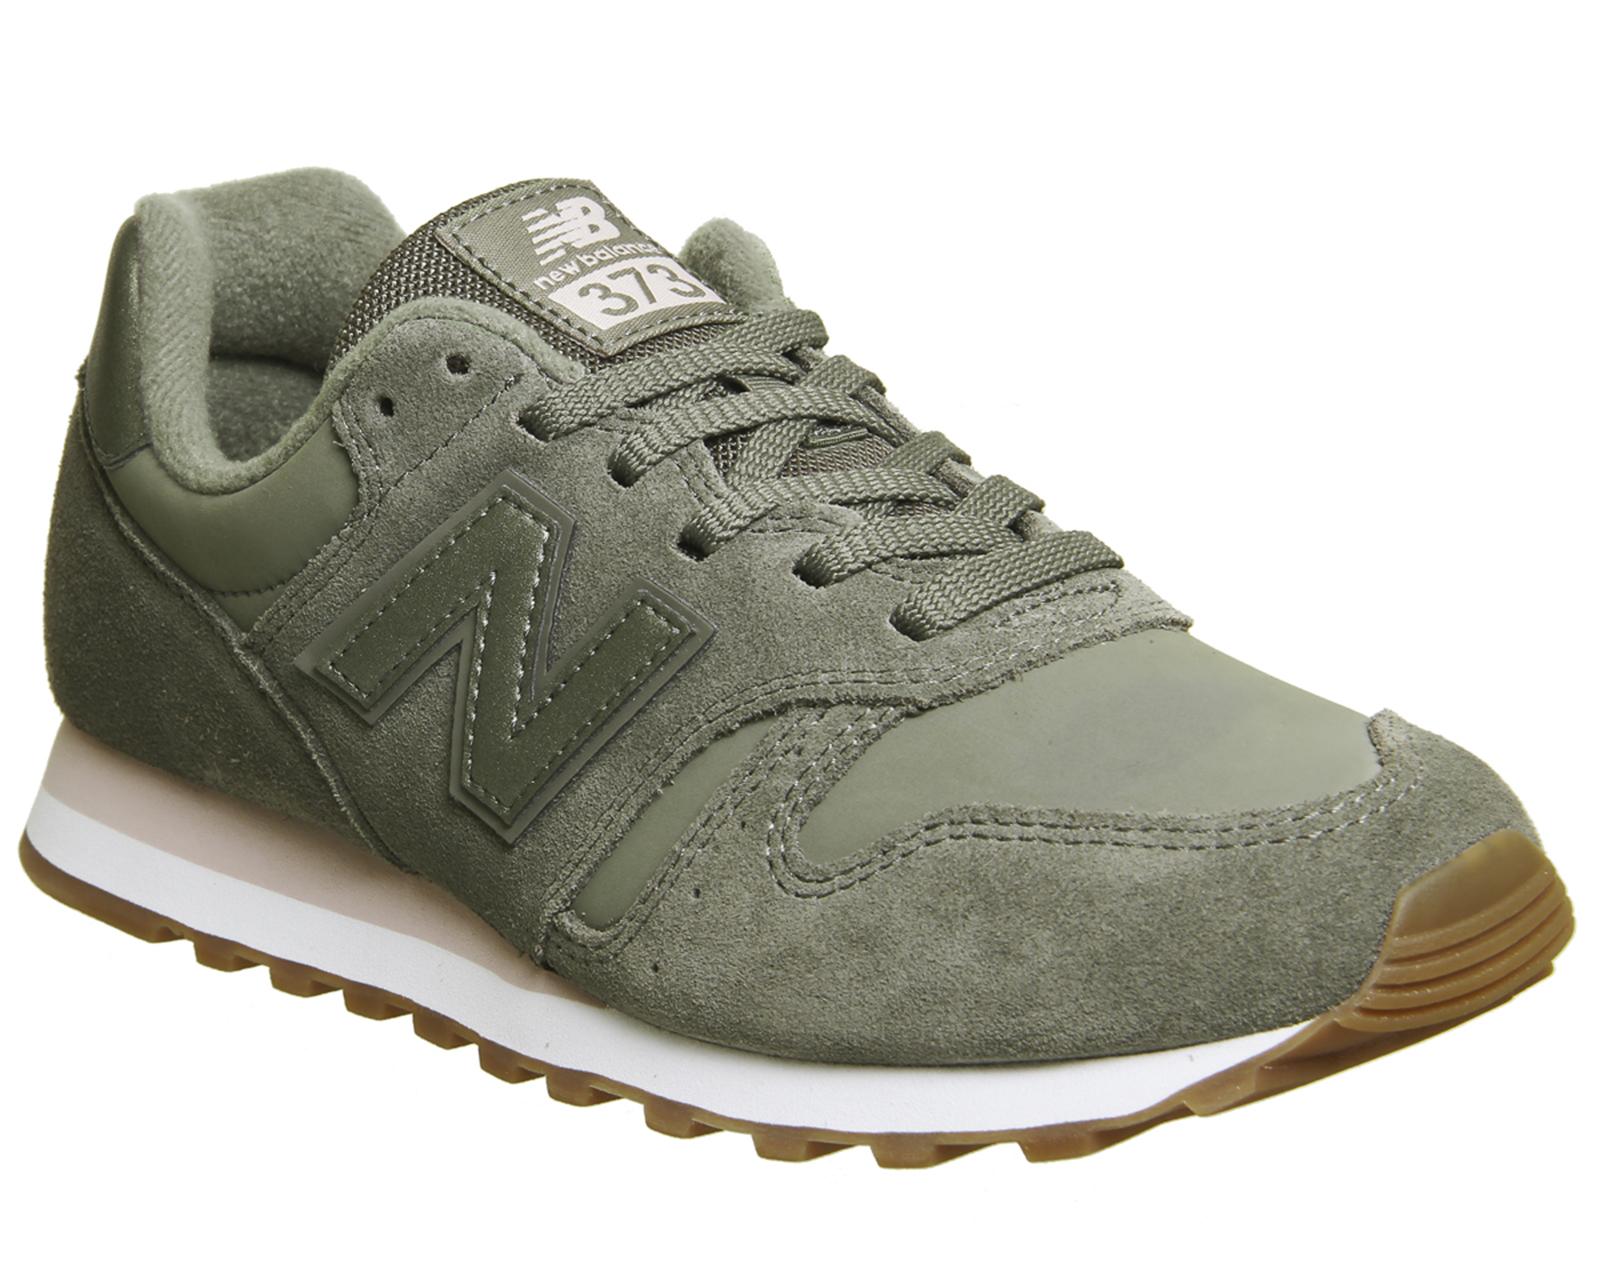 NEW Balance wl373mcc Peach/Grigio Art. 639571 50 13 Sneaker donna nuovo